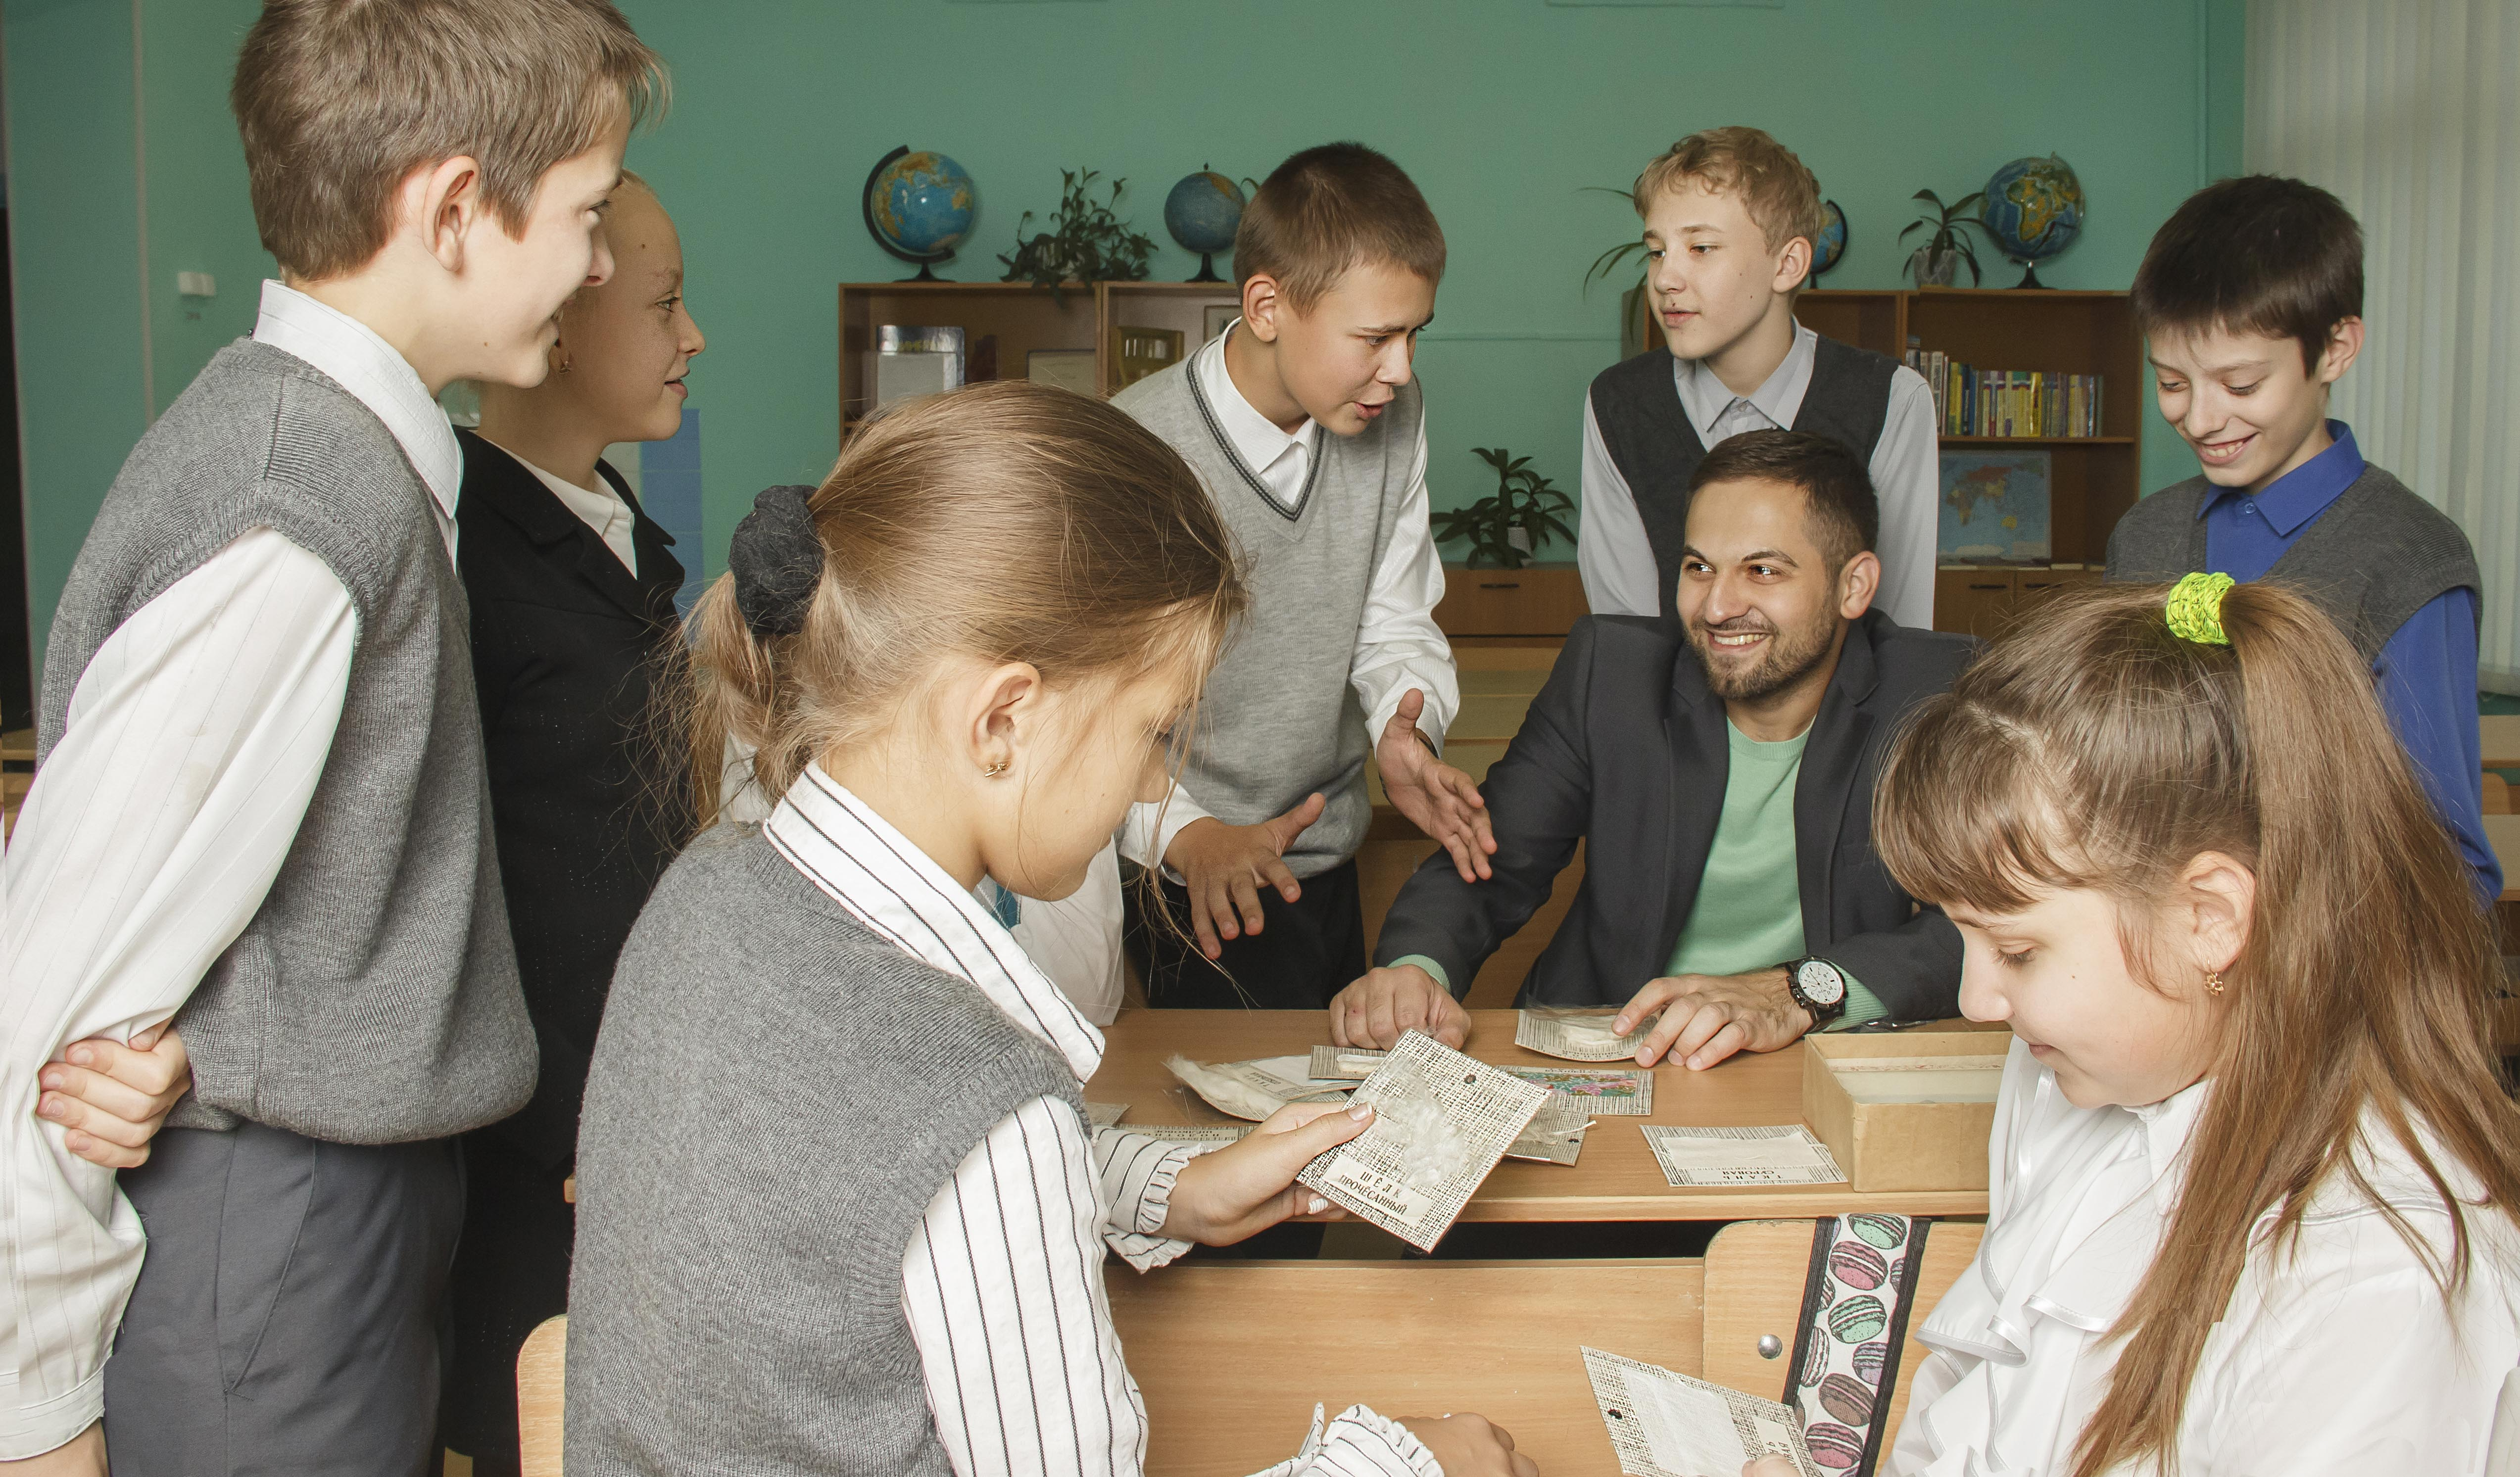 Конкурс учитель года 2017 в магнитогорске